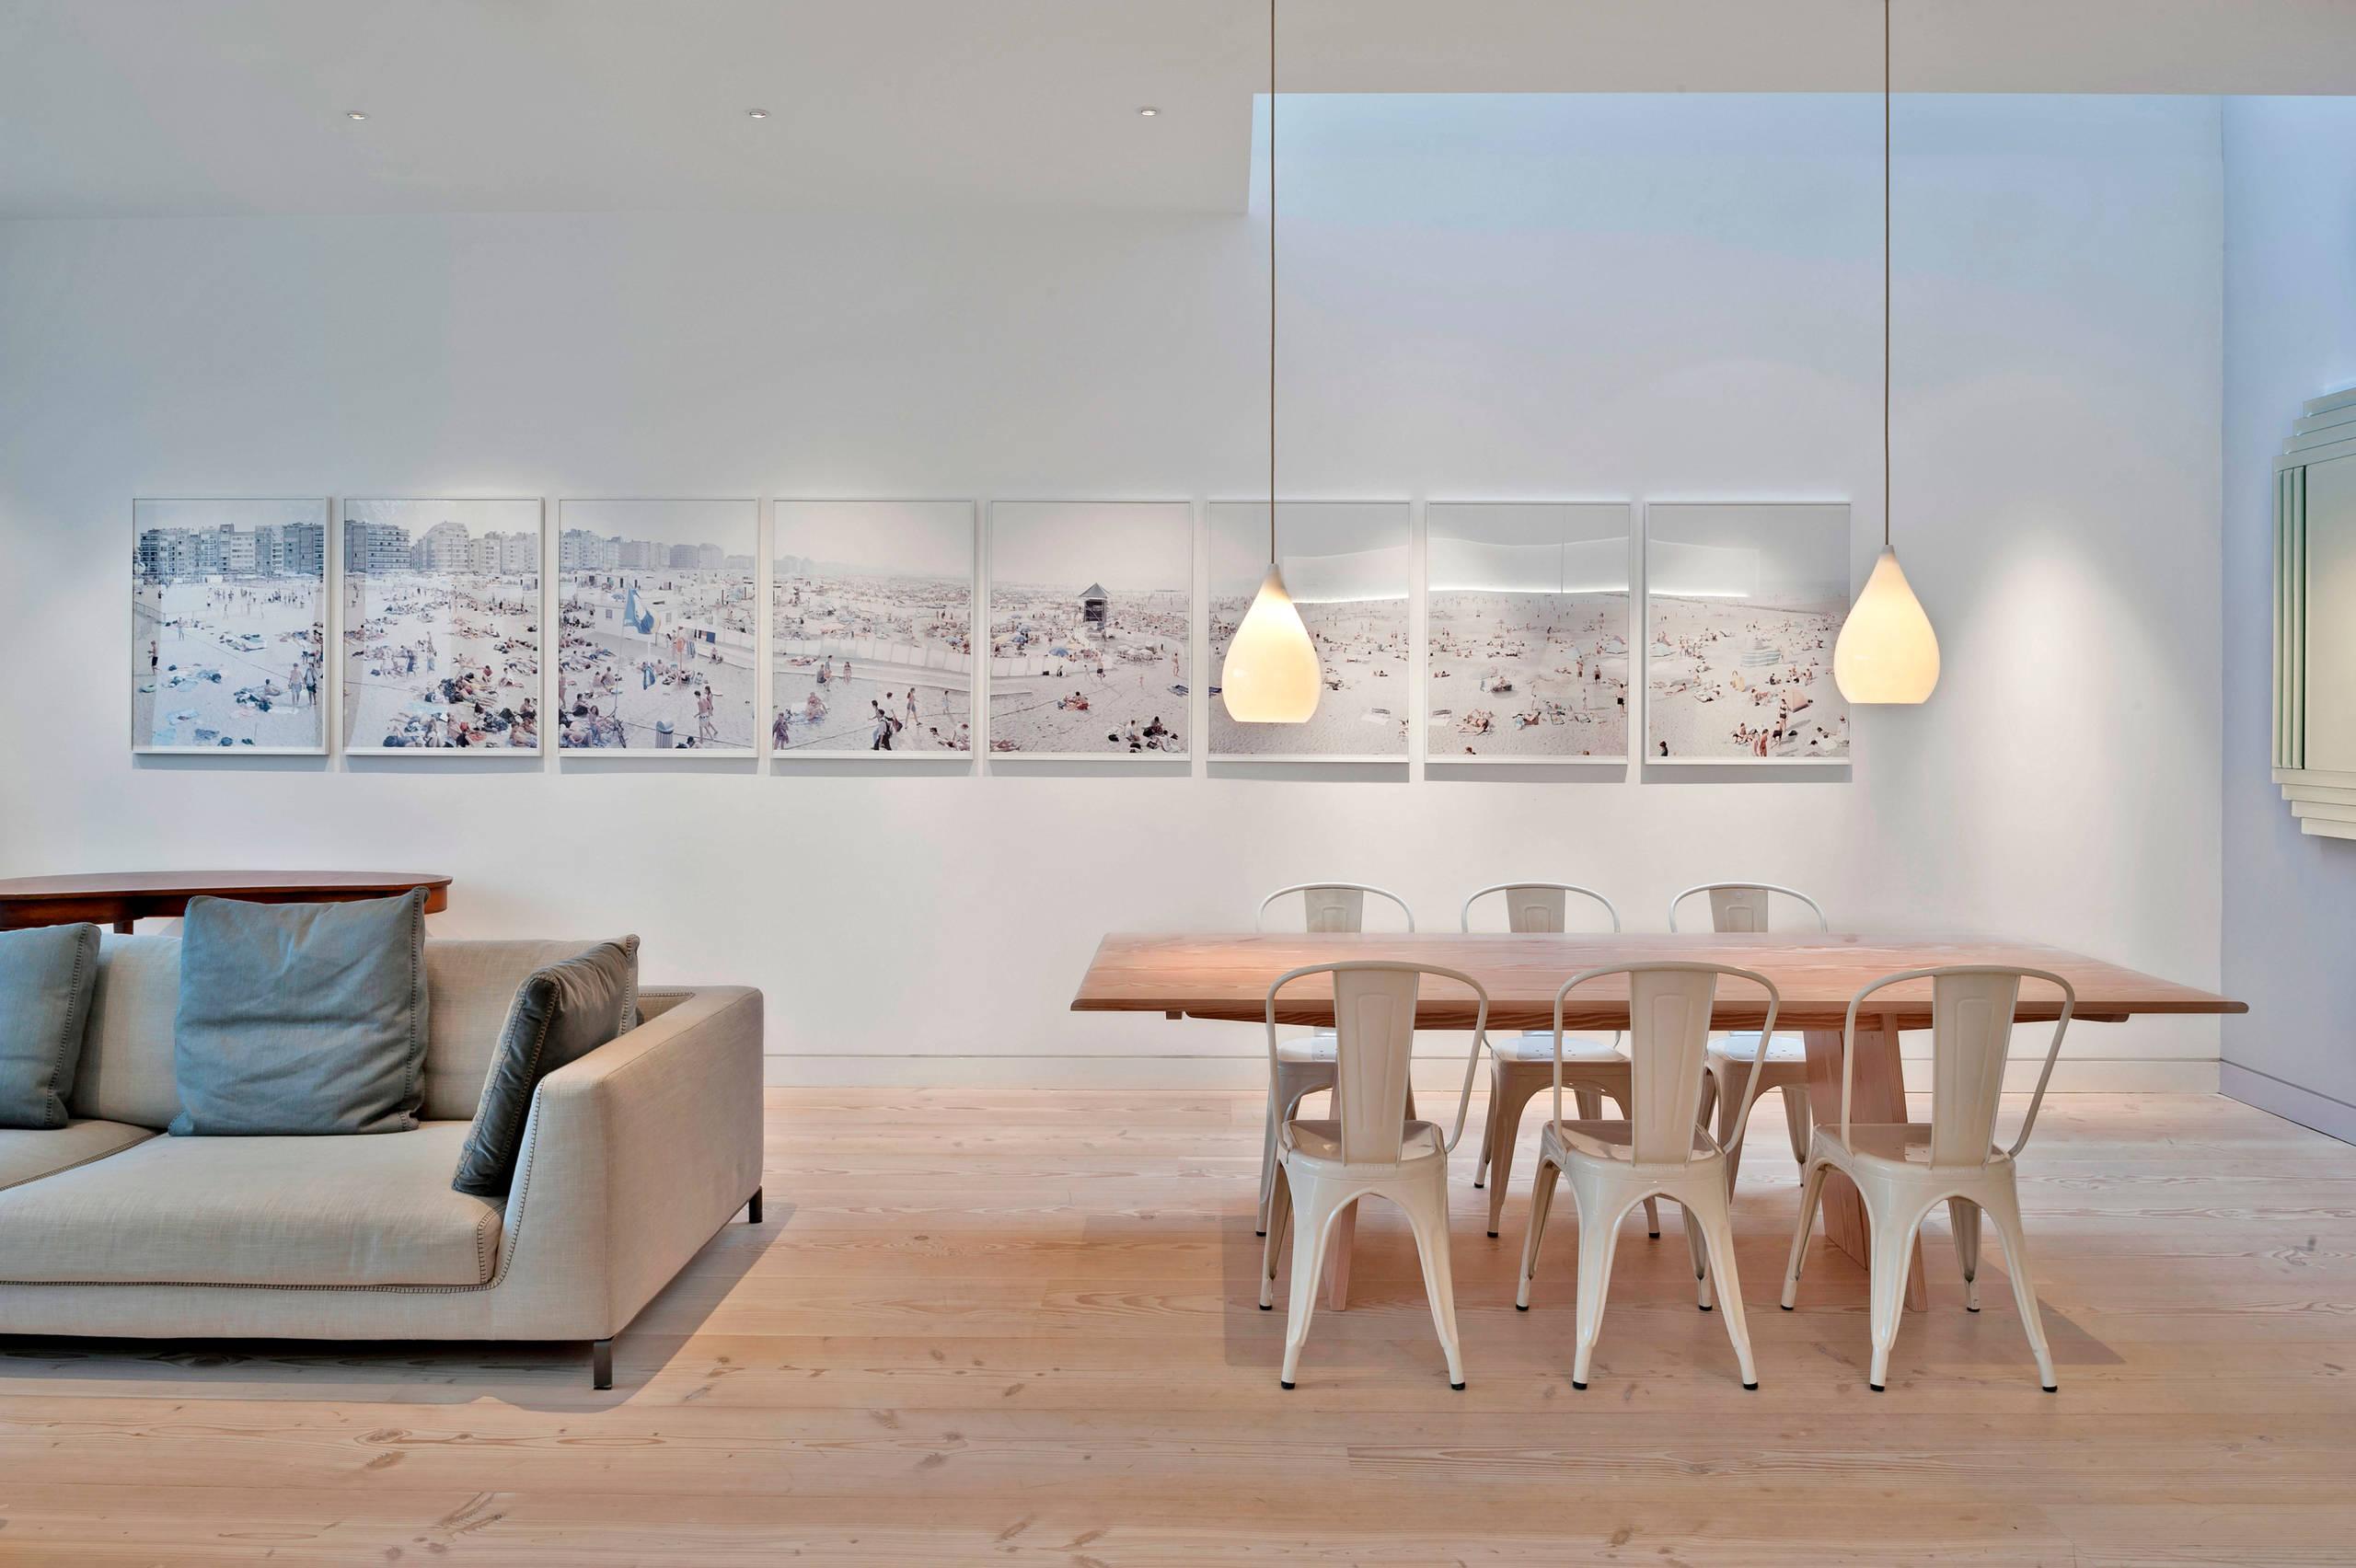 Peinture modulaire élégante à l'intérieur d'un studio